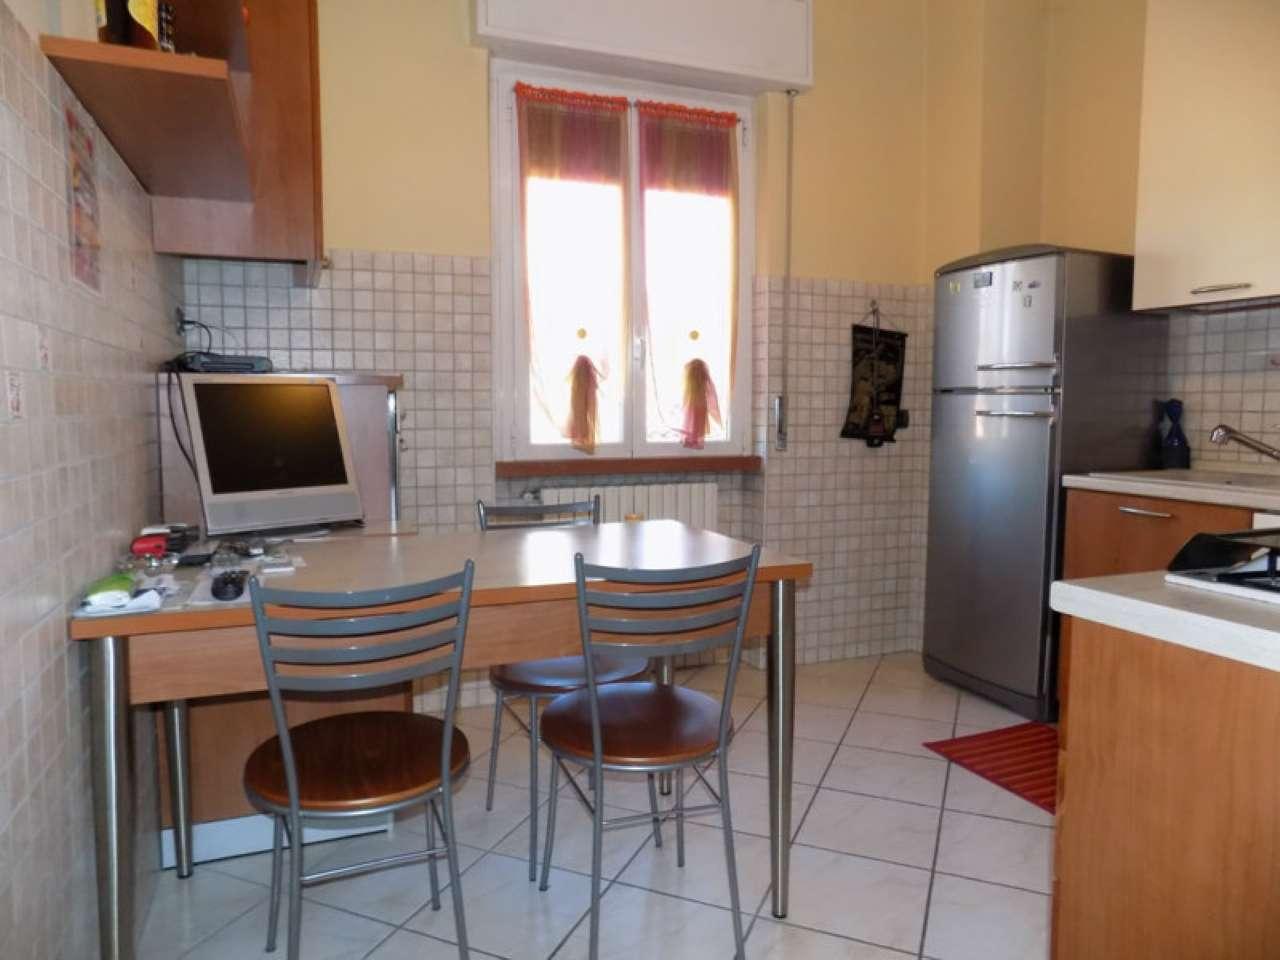 Appartamento in vendita a Senago, 2 locali, prezzo € 98.000 | CambioCasa.it